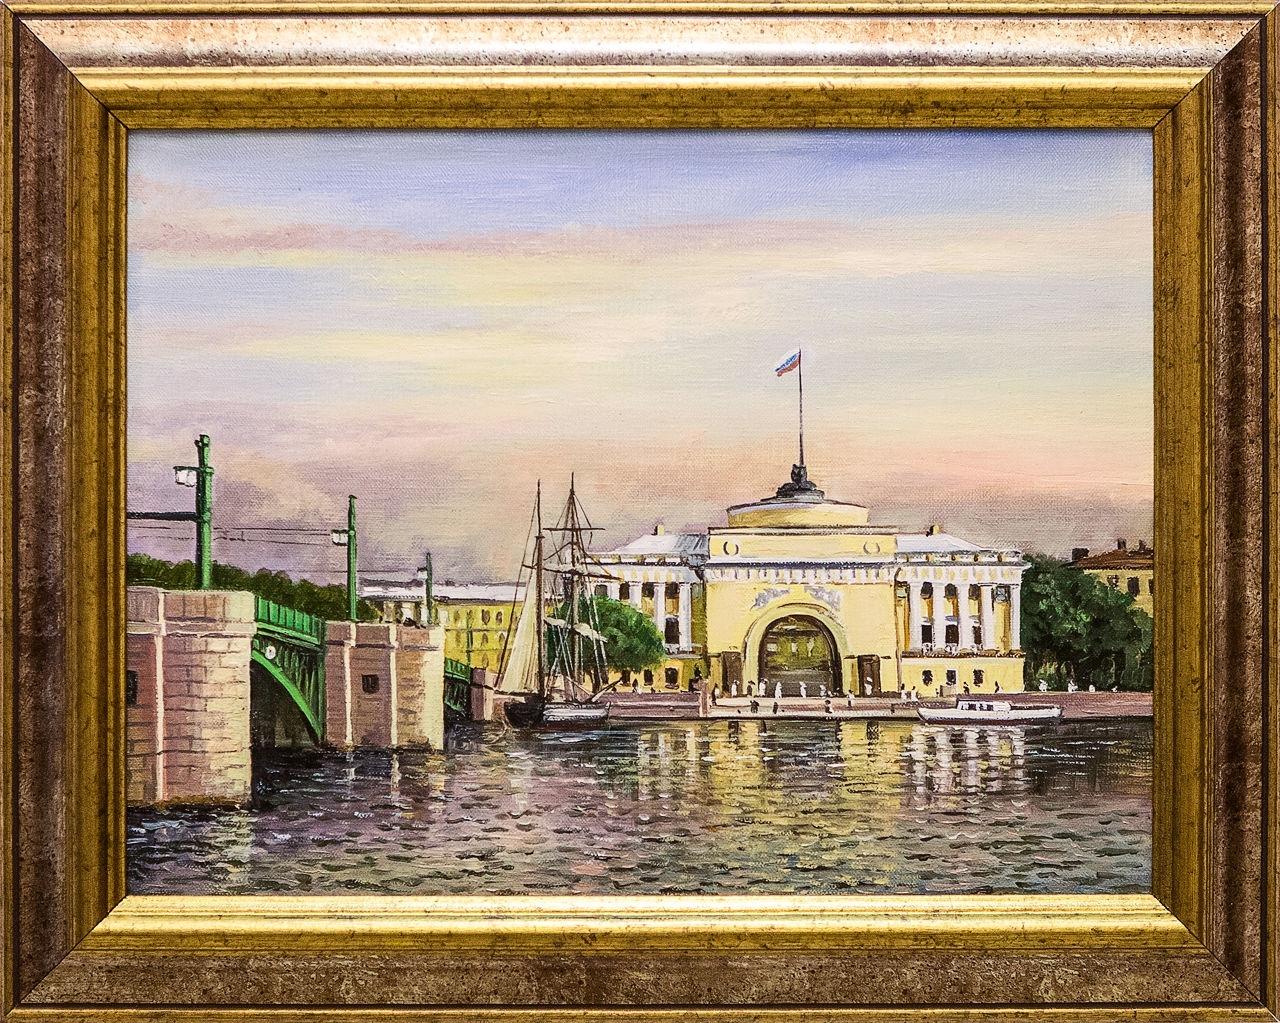 Картина маслом Вид на Адмиралтейство Воробьёв картина маслом гуляки воробьёв